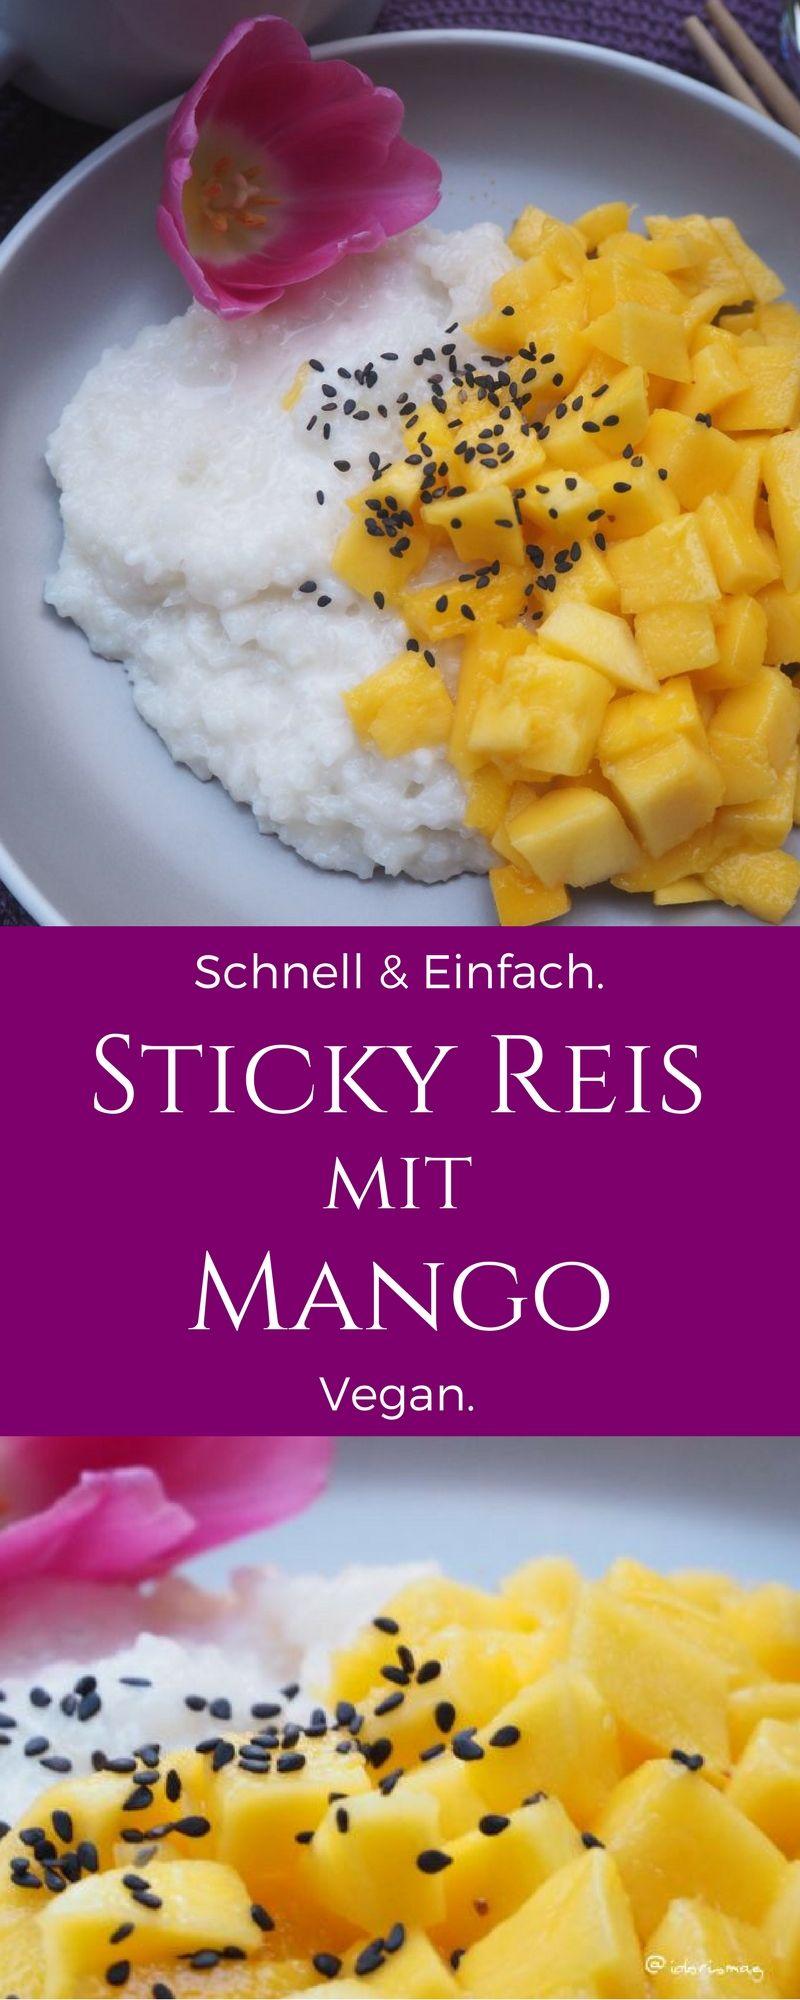 Veganes Dessert Rezept - Exotisch, Thailändisches Nachtisch Rezept. Sticky Rice with Mango. Klebereis mit Mango. Vegan Essen in Bangkok. #einfachernachtisch